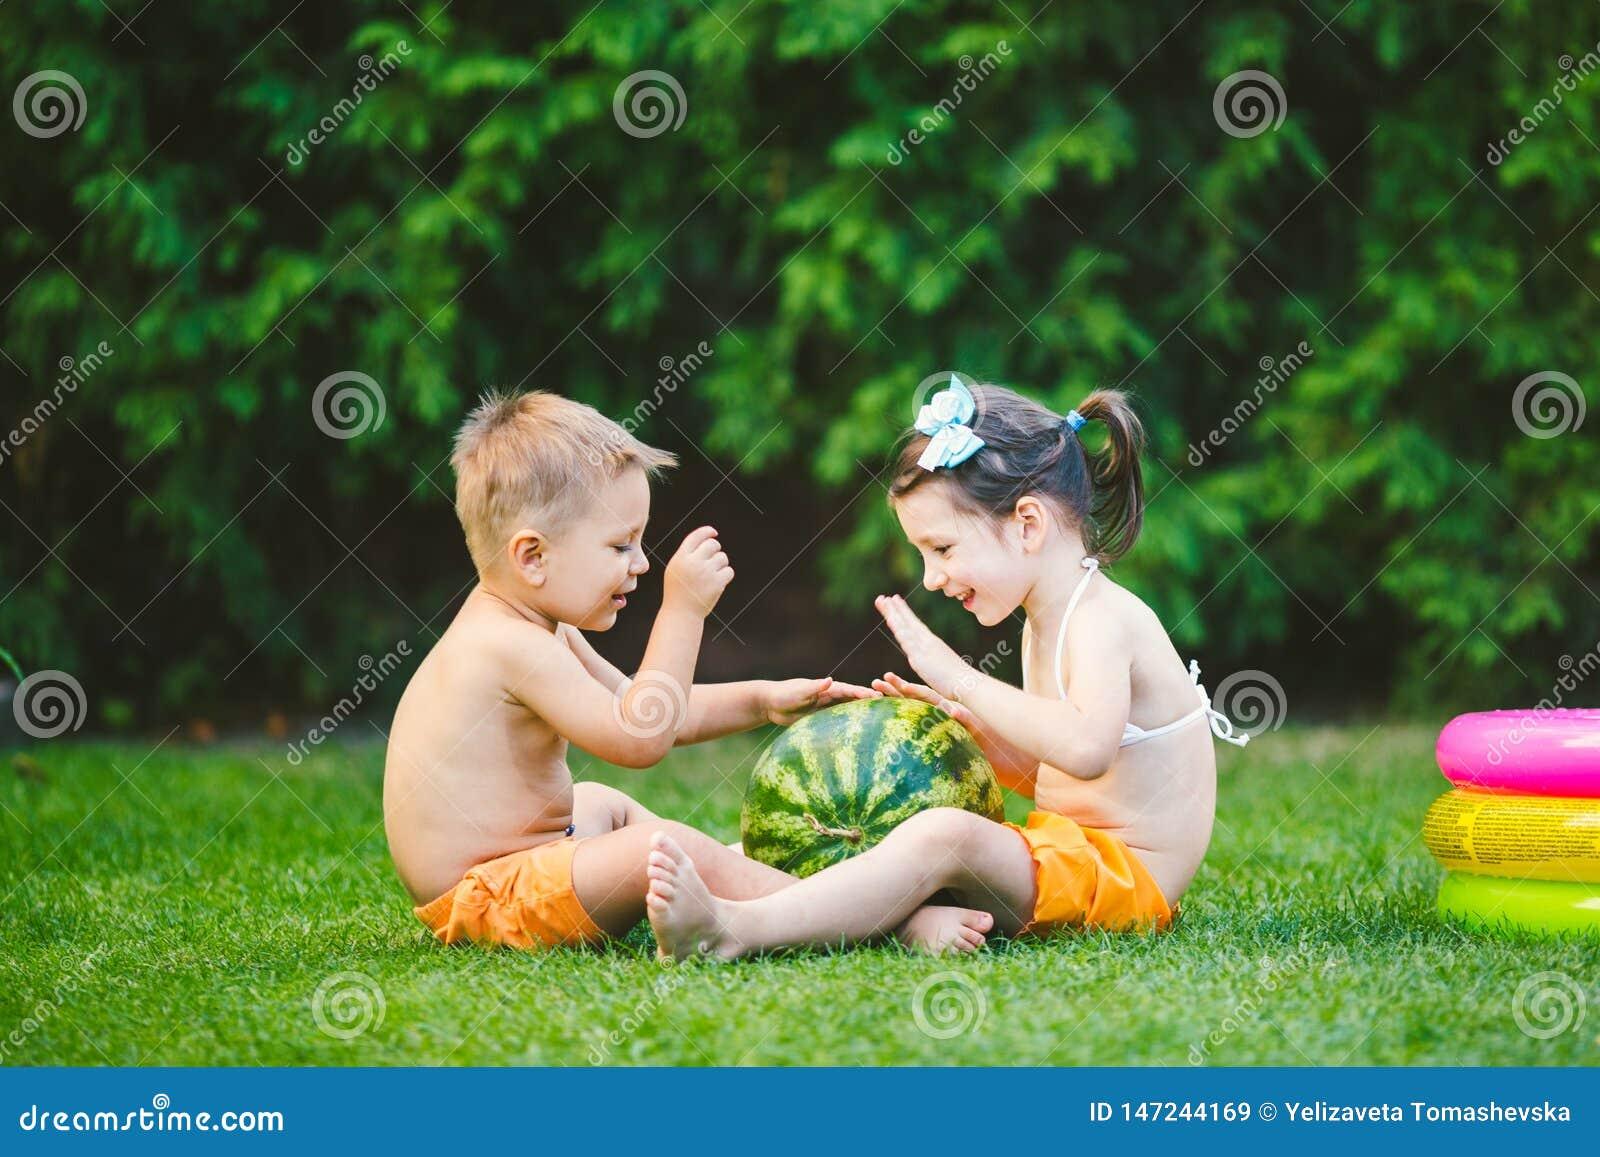 Zwei Kinder, kaukasischer Bruder und Schwester, sitzend auf gr?nem Gras im Hinterhof des Hauses und umarmen gro?e geschmackvolle